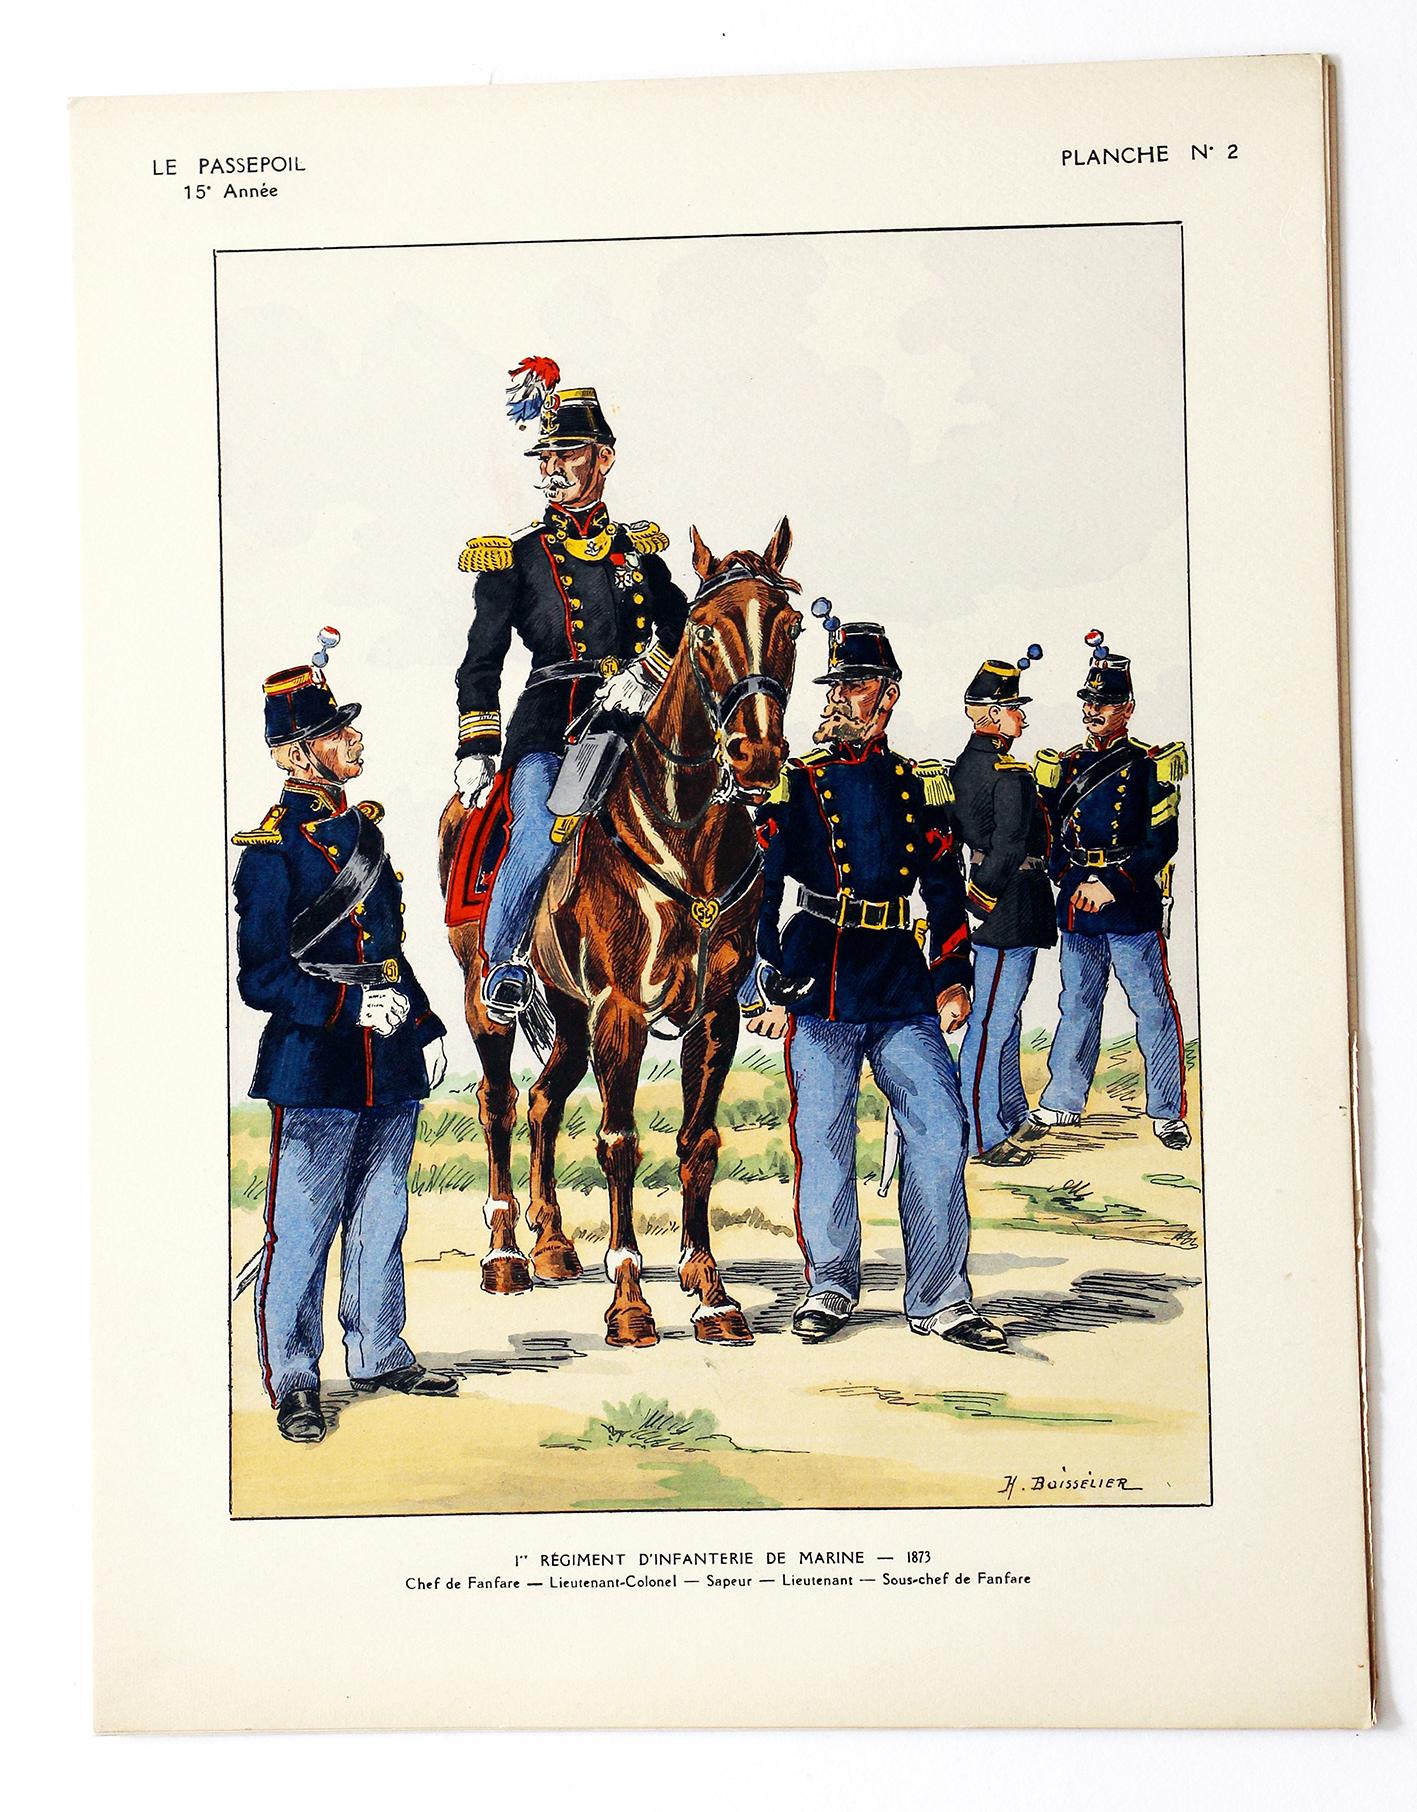 1 Régiment d'Infanterie de Marine - 1873 - Henri Boisselier - Le Passepoil